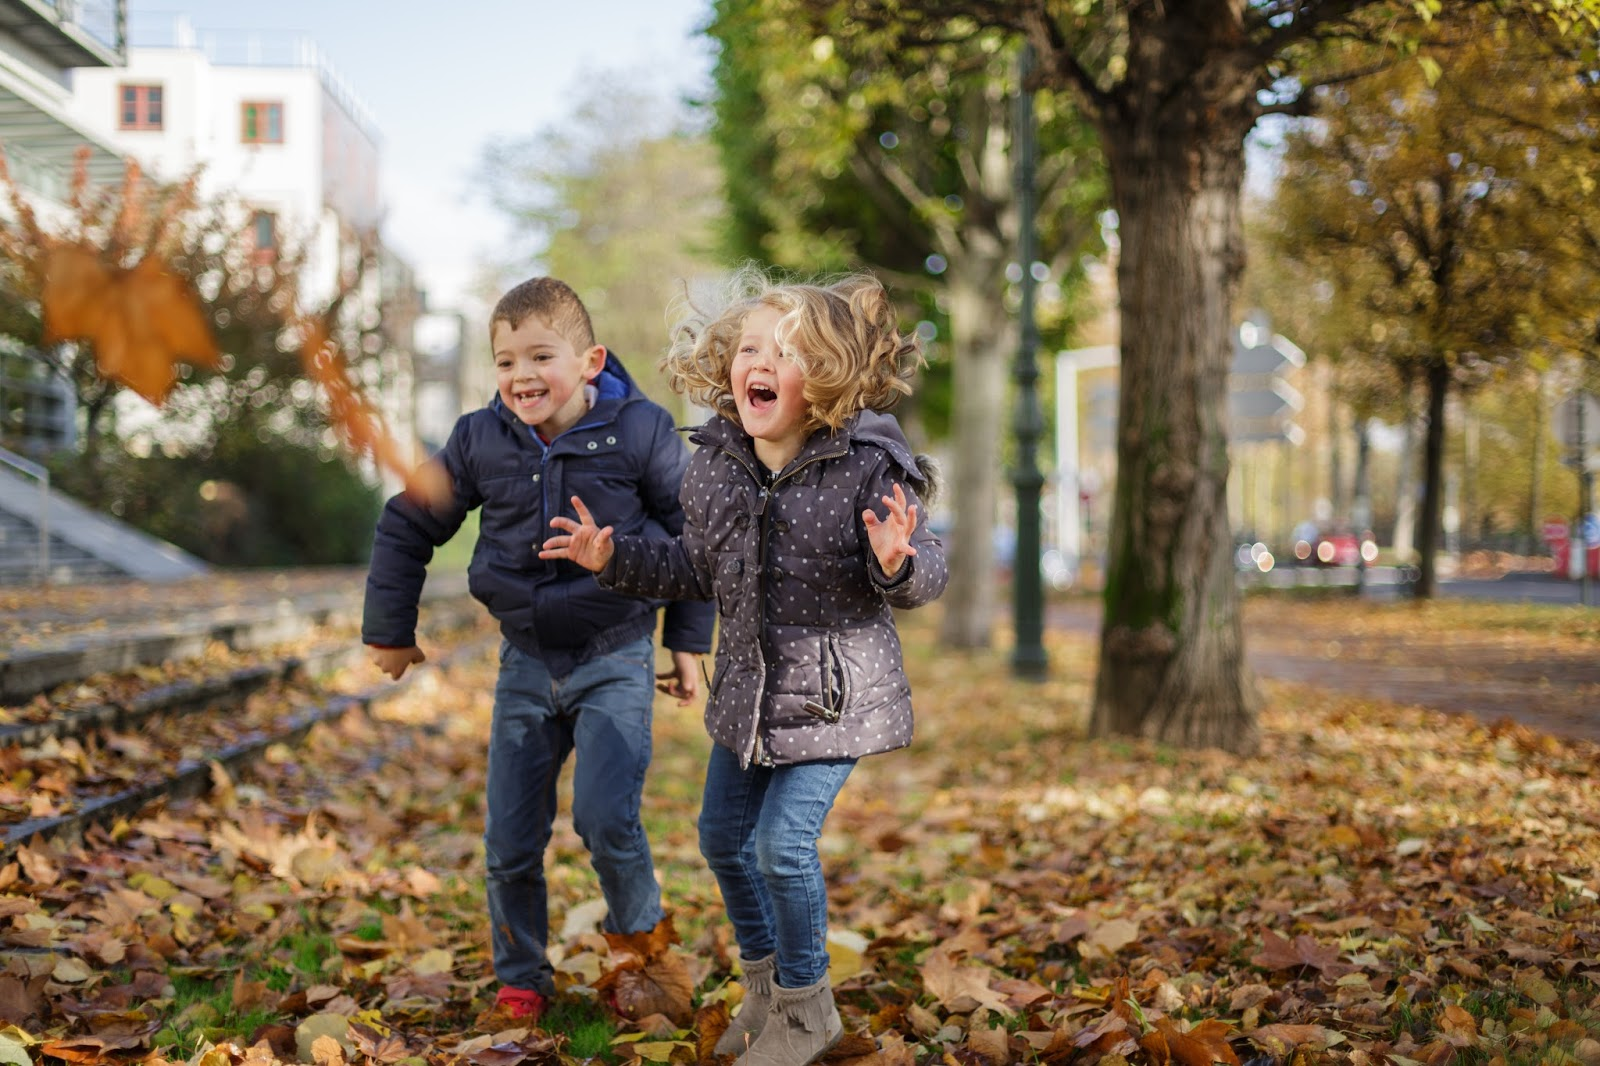 photos de famille par un photographe pro - charlinephotography - parisalouest